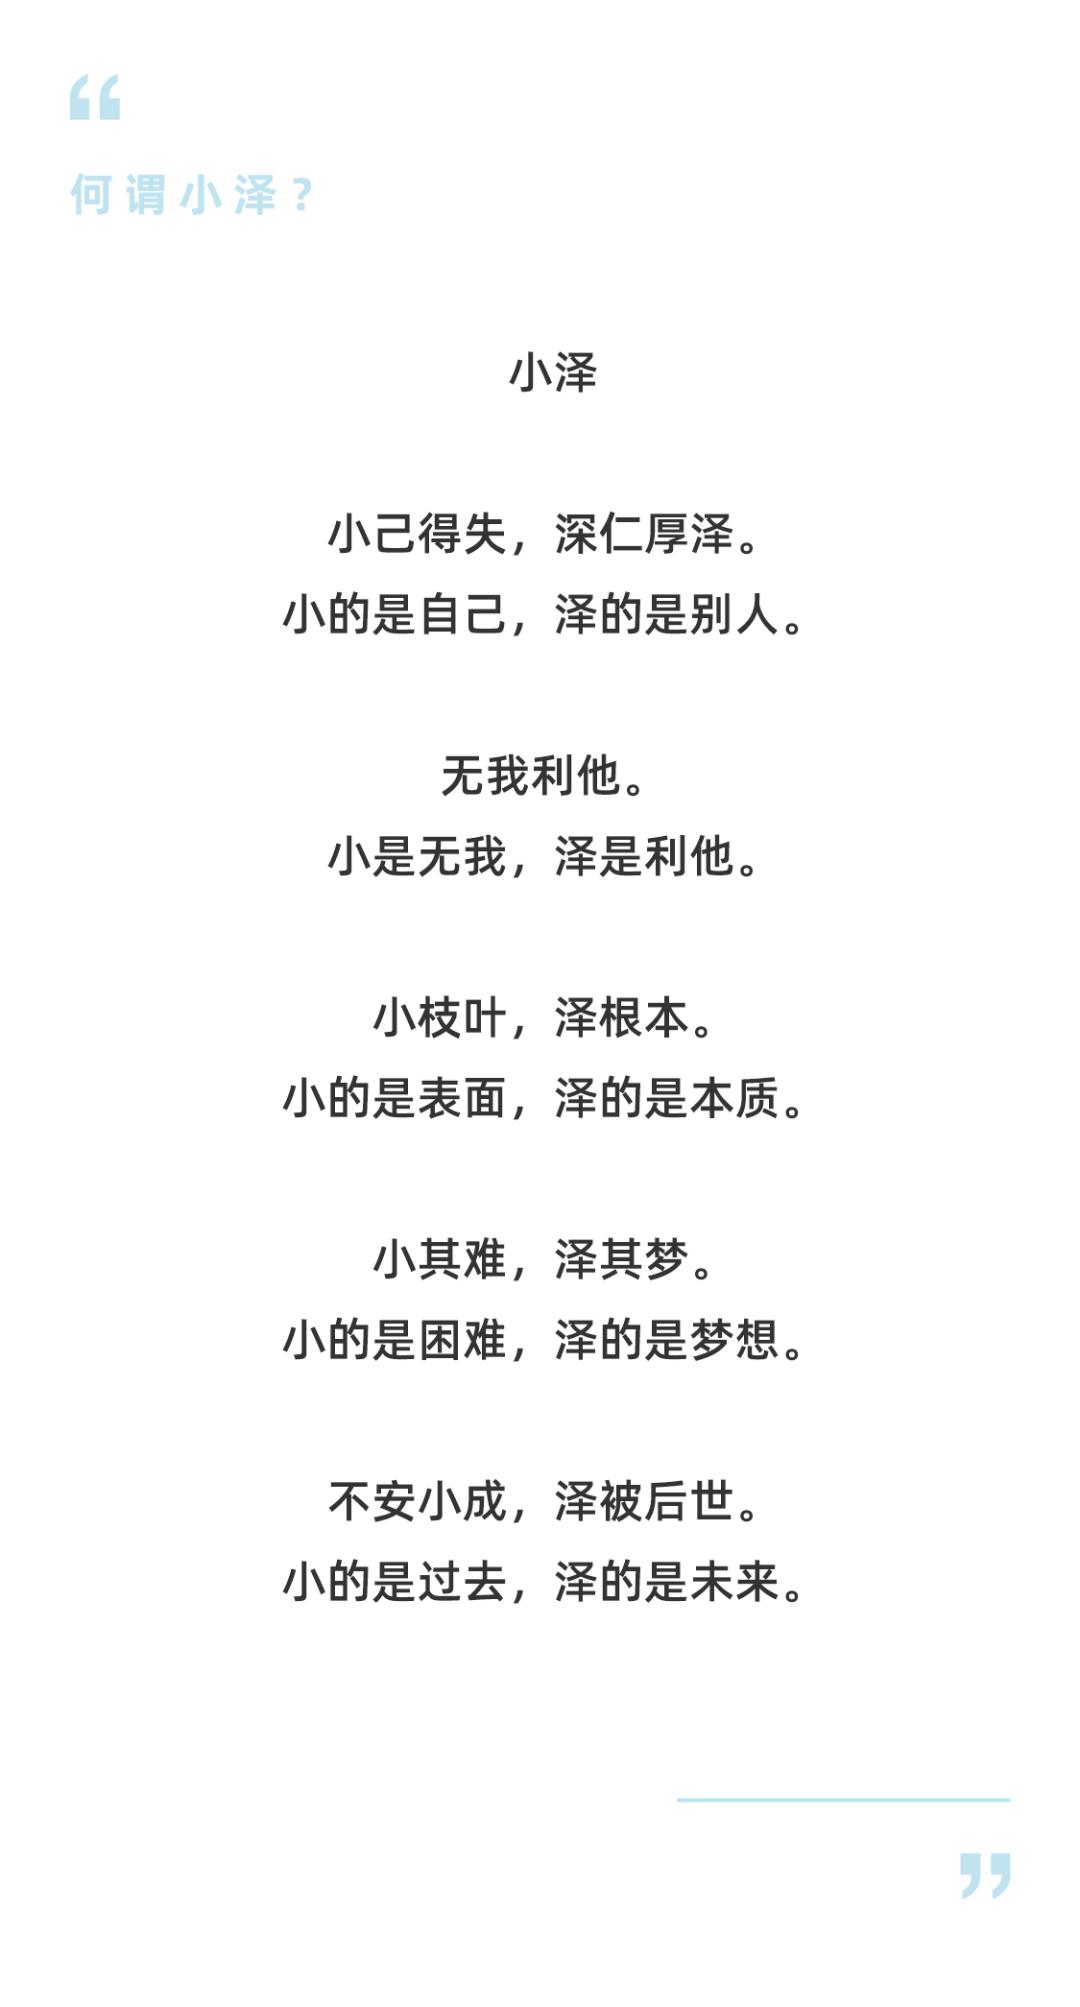 美术高考培训,郑州美术高考培训,郑州小泽画室